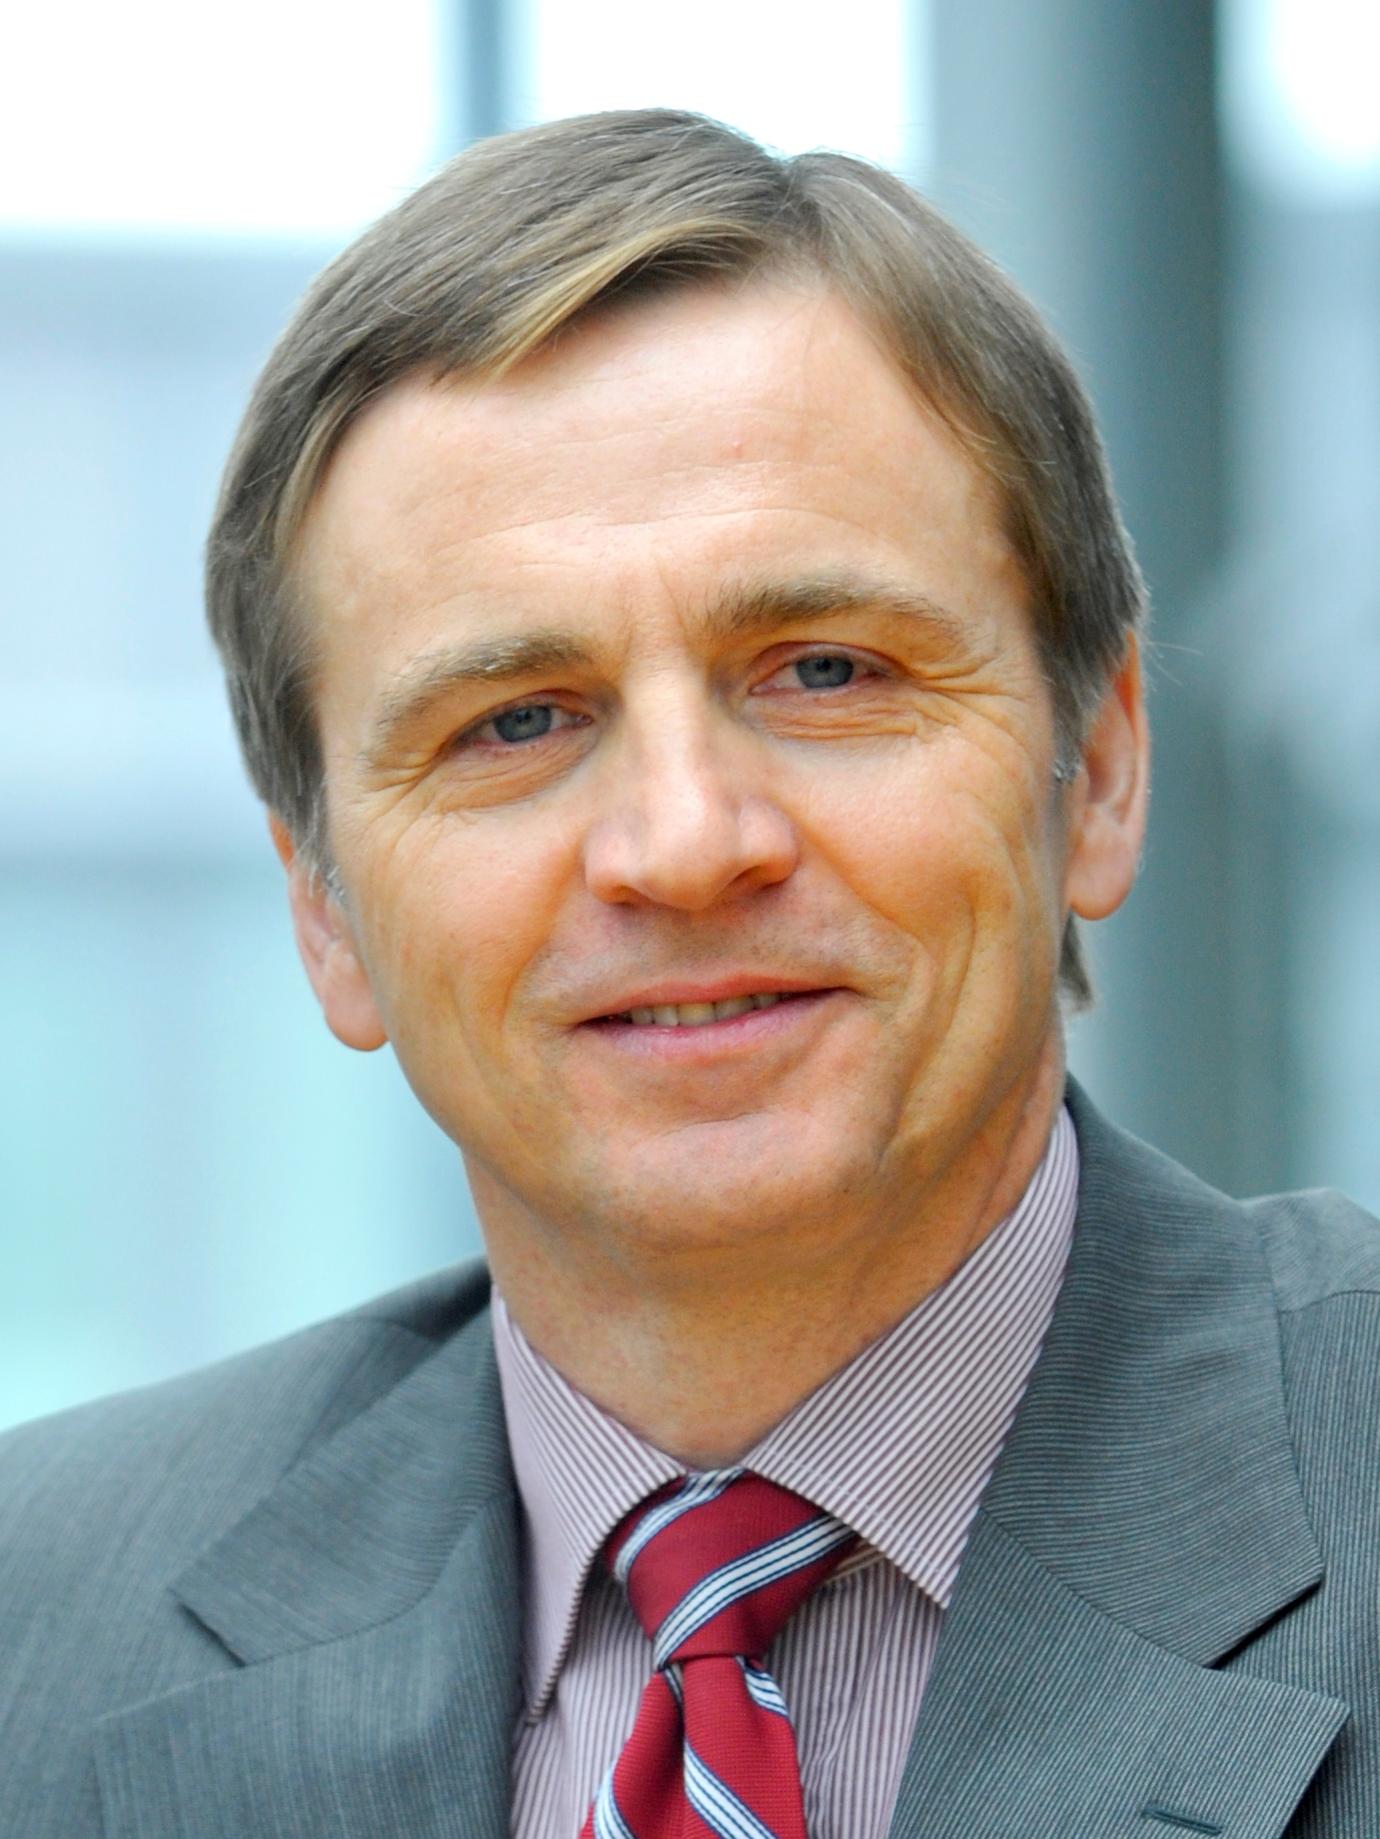 DR. ARNULF WULFF